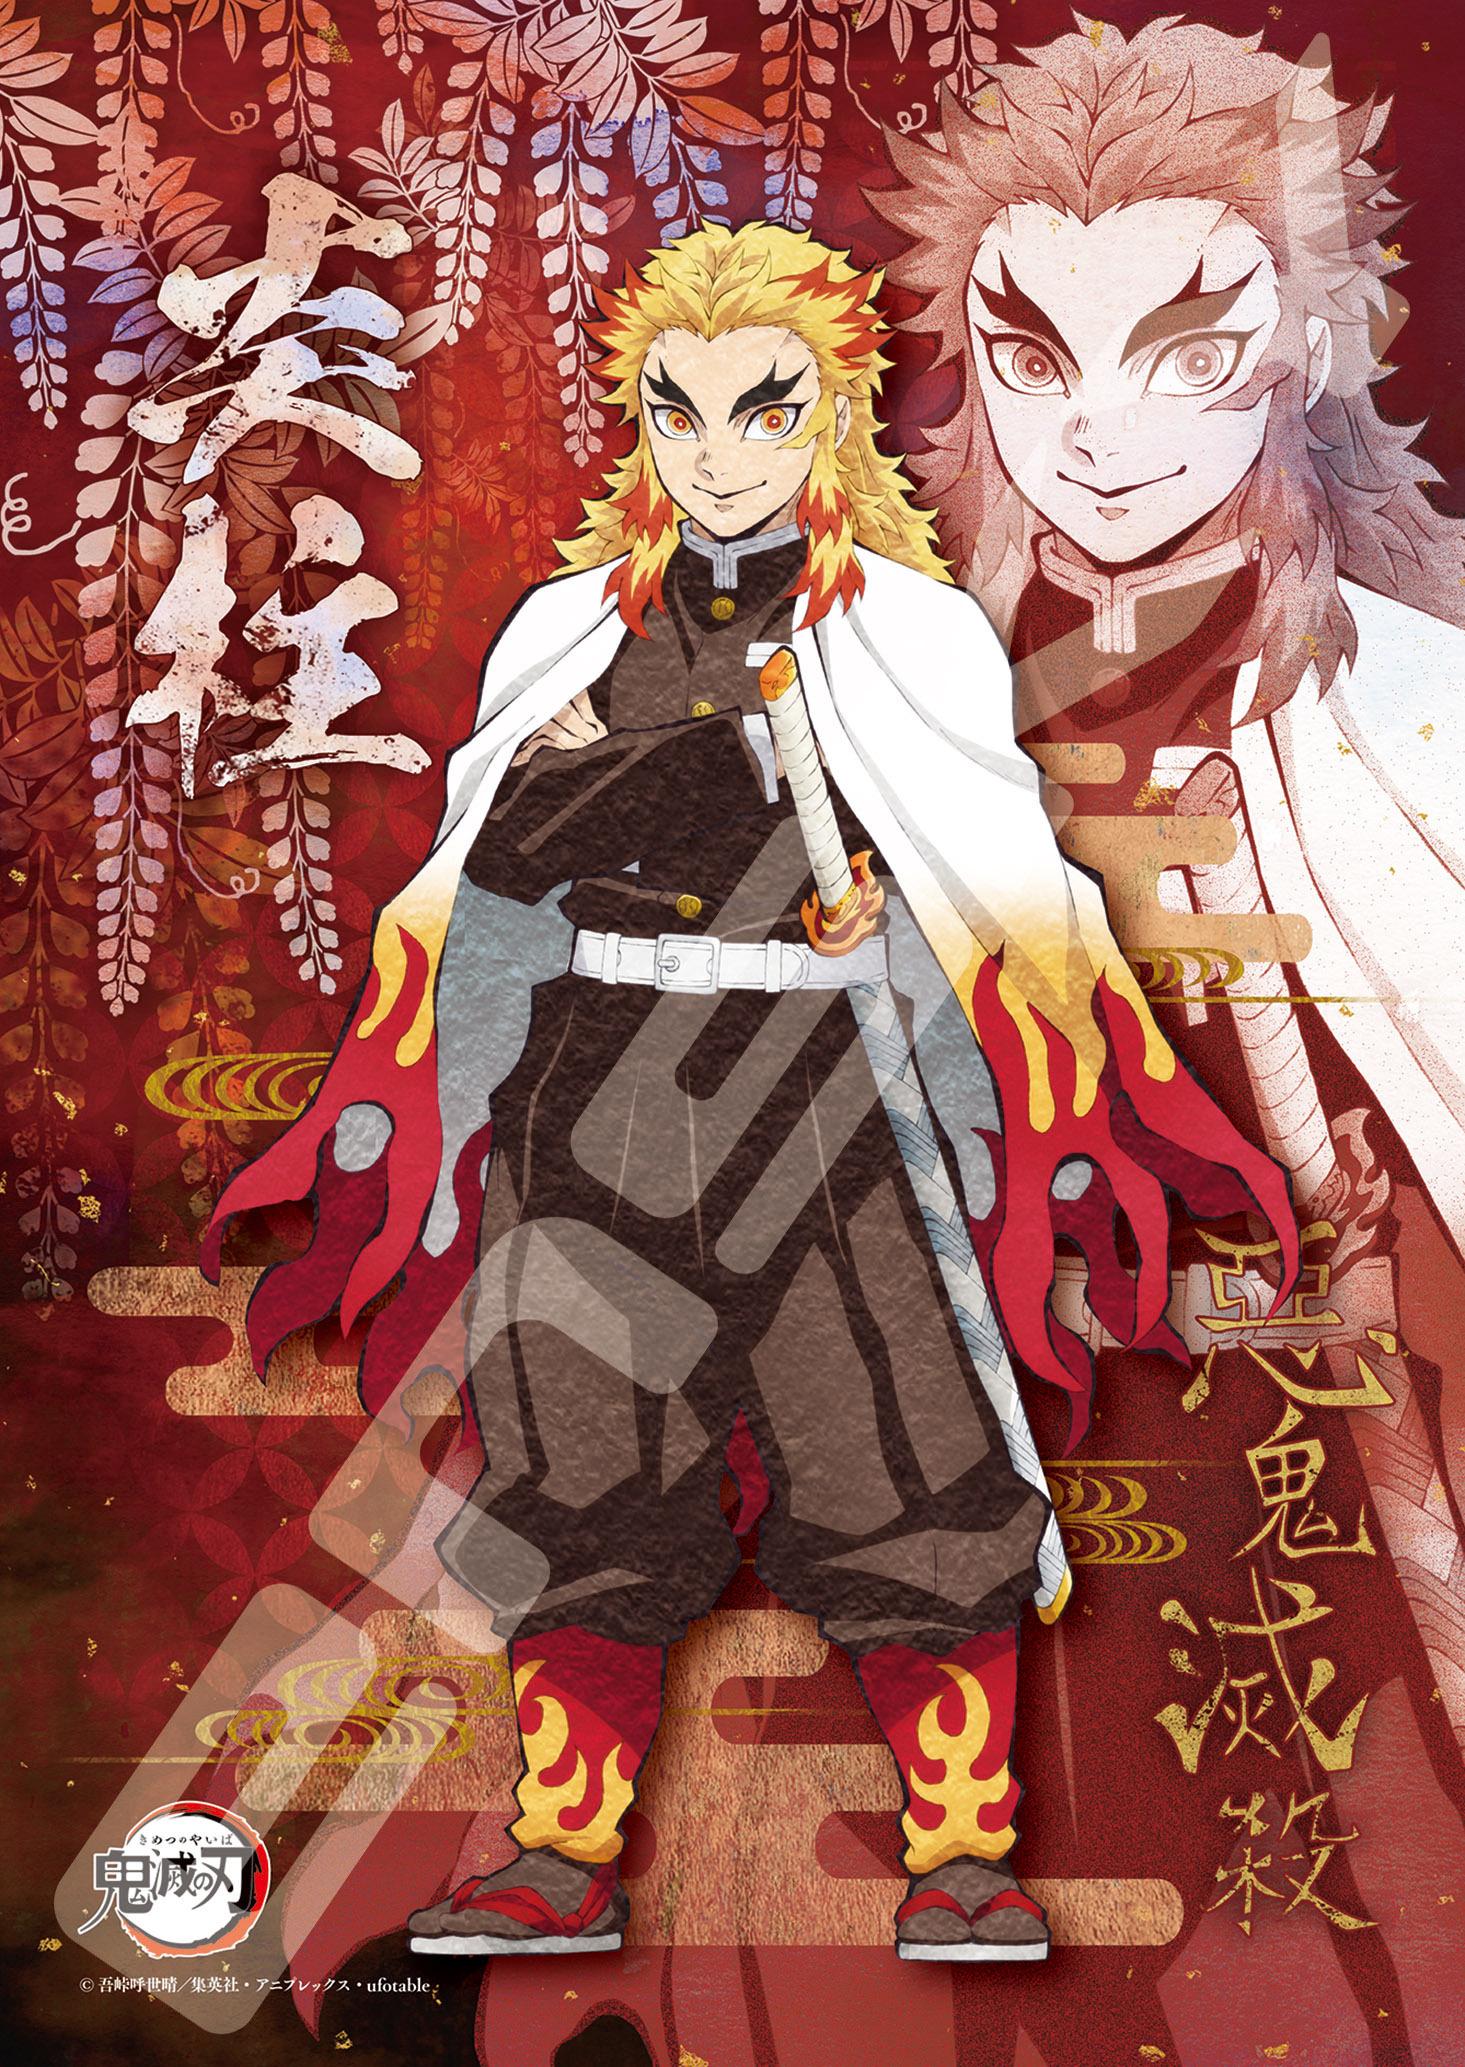 鬼滅の刃 ジグソーパズル208ピース【炎柱】208-051  / エンスカイ